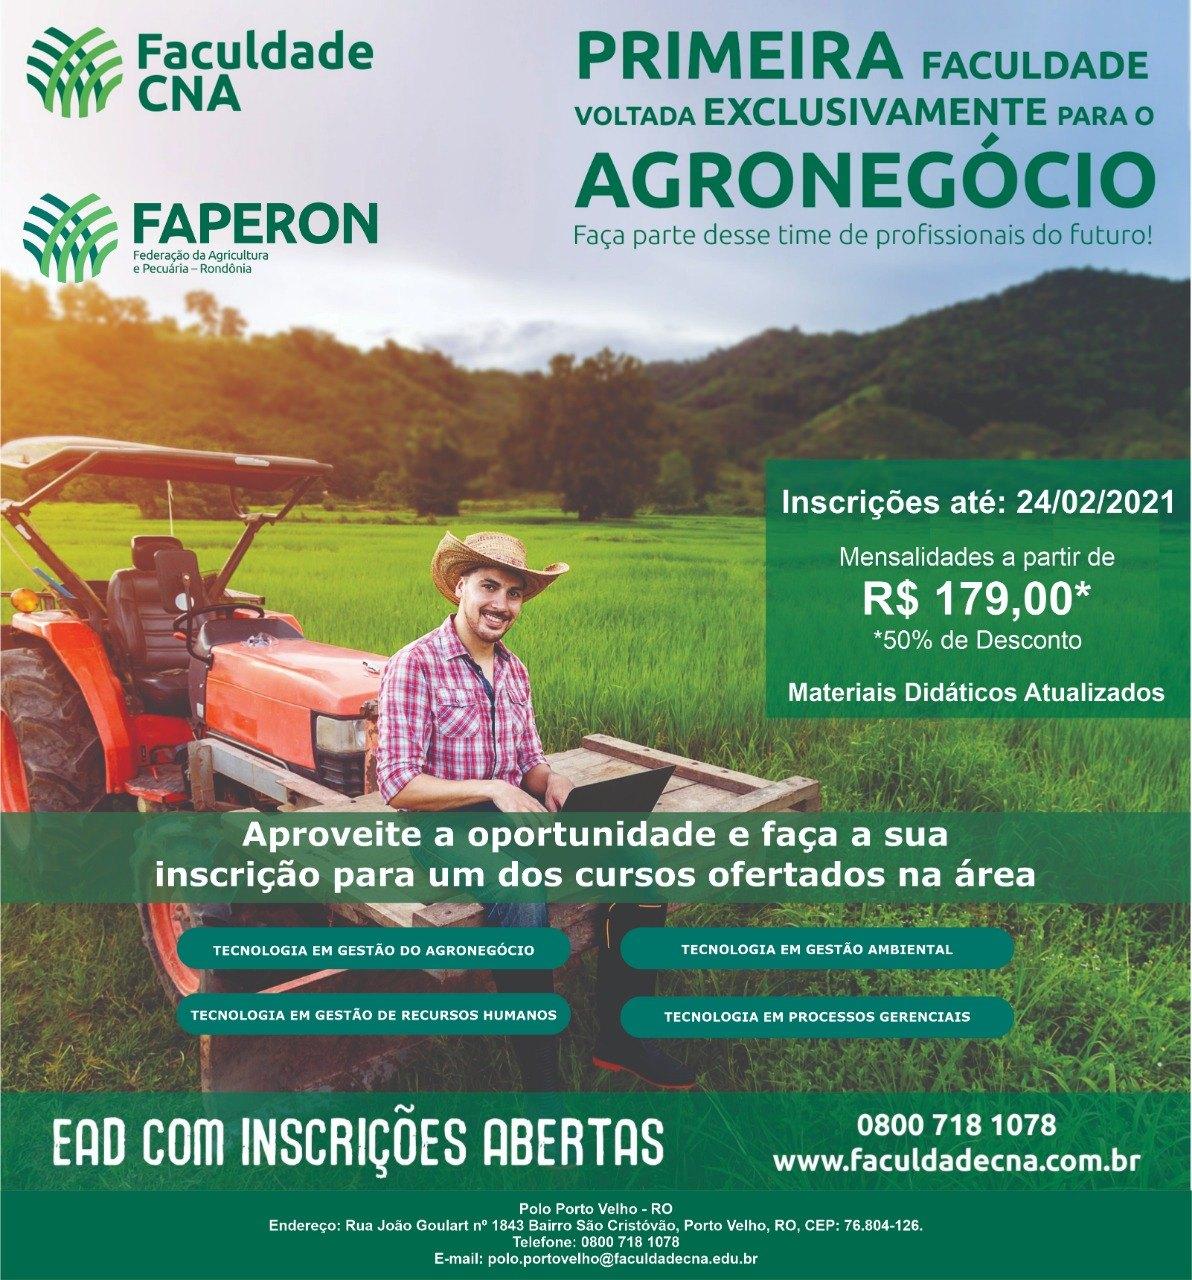 AGRICULTURA: Faperon e CNA promovem cursos voltados para o agronegócio em RO